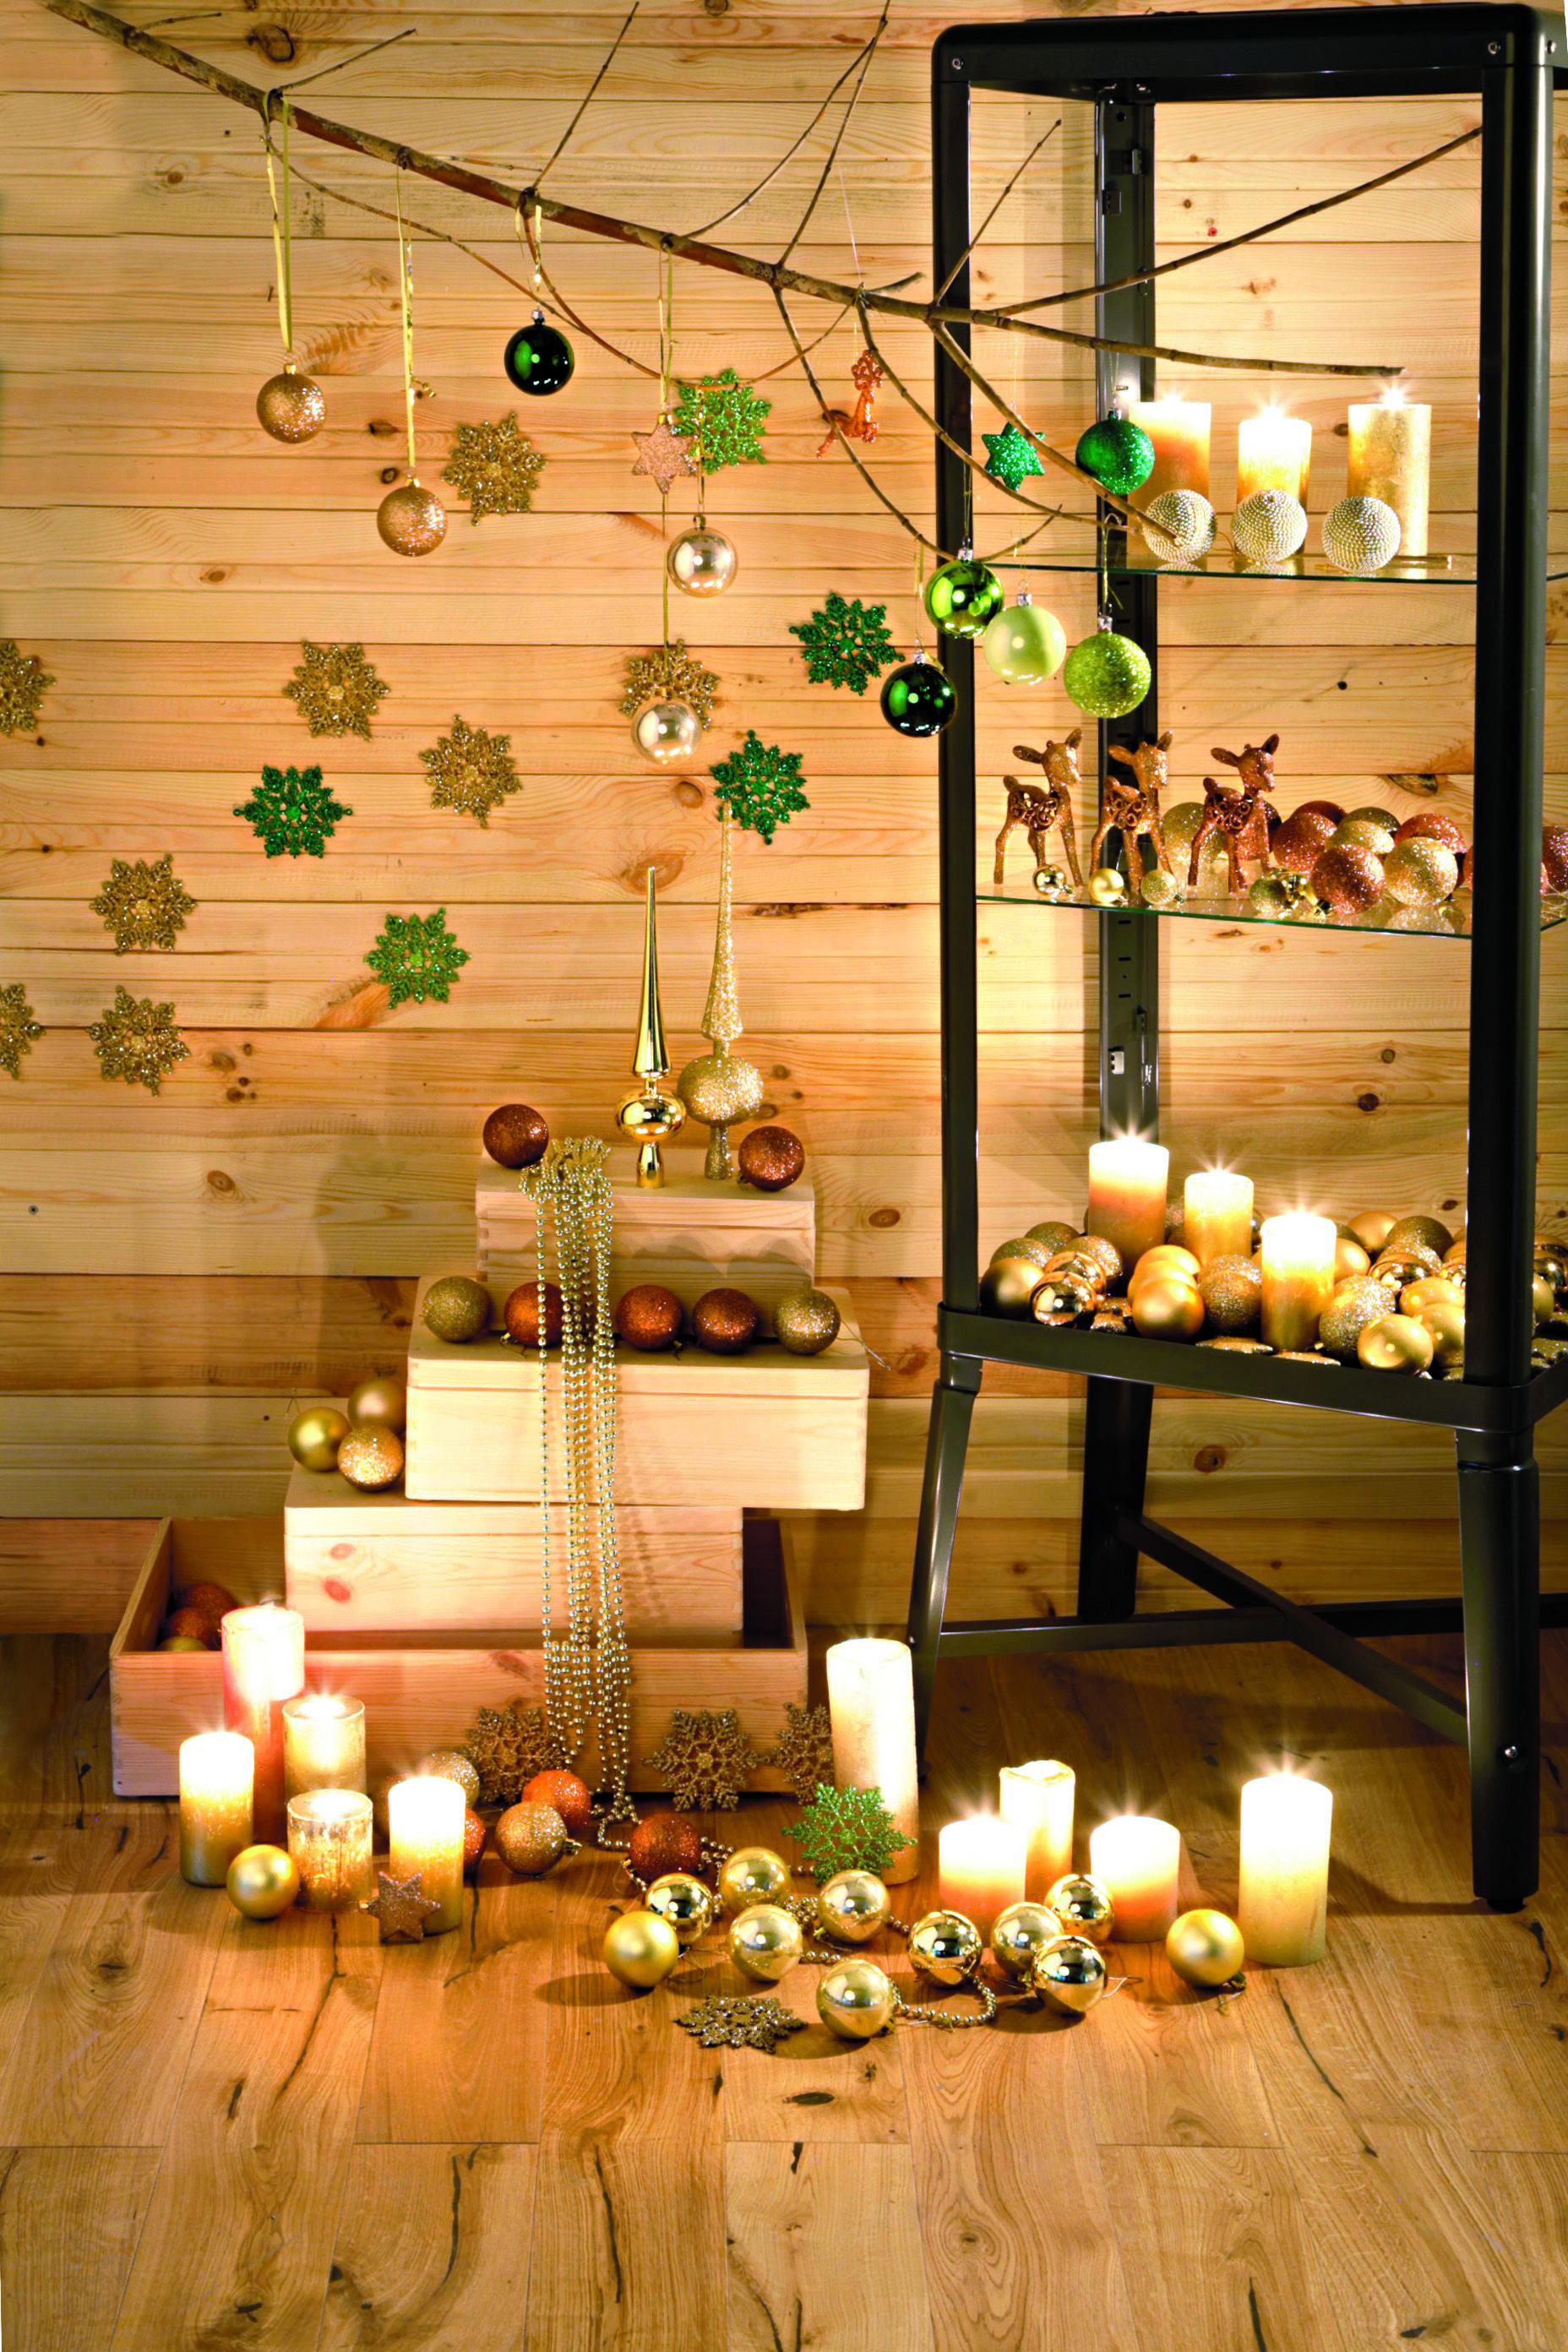 Już czas na świąteczne dekoracje Warto zacząć od nastrojowego